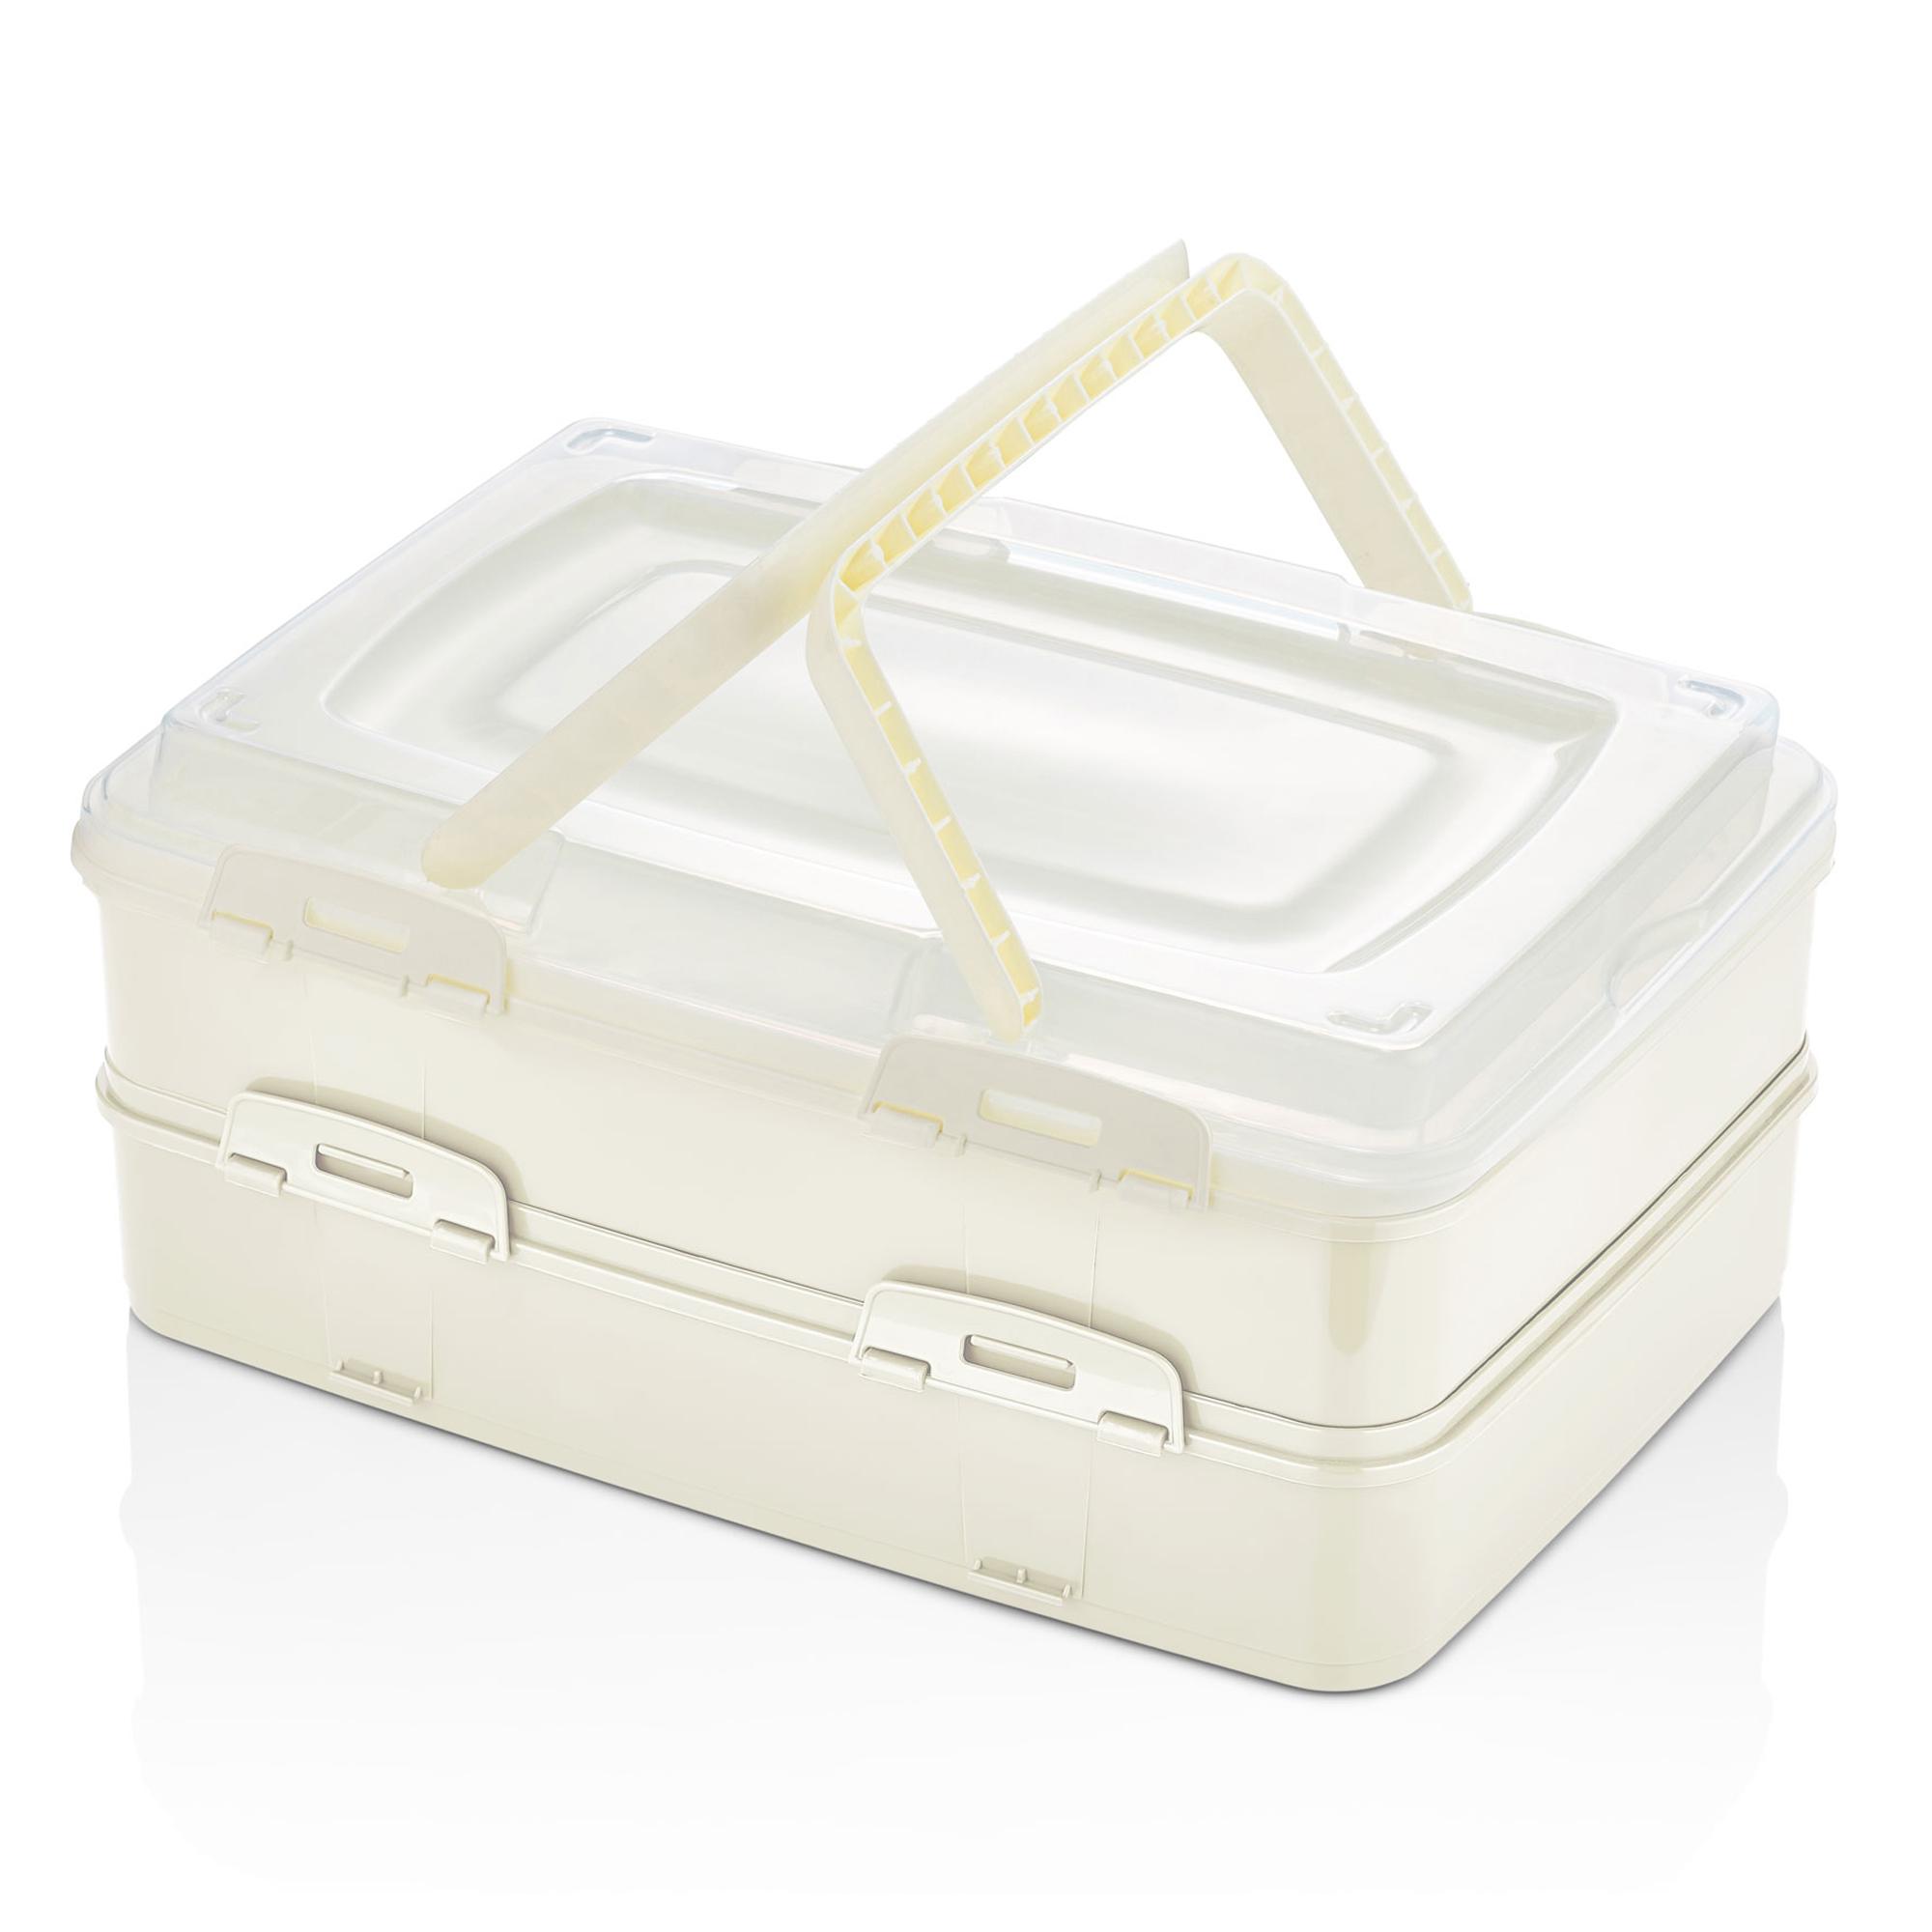 Herzberg HG-L718 : Boîte de transport de pâtisseries à emporter en duplex Ivoire